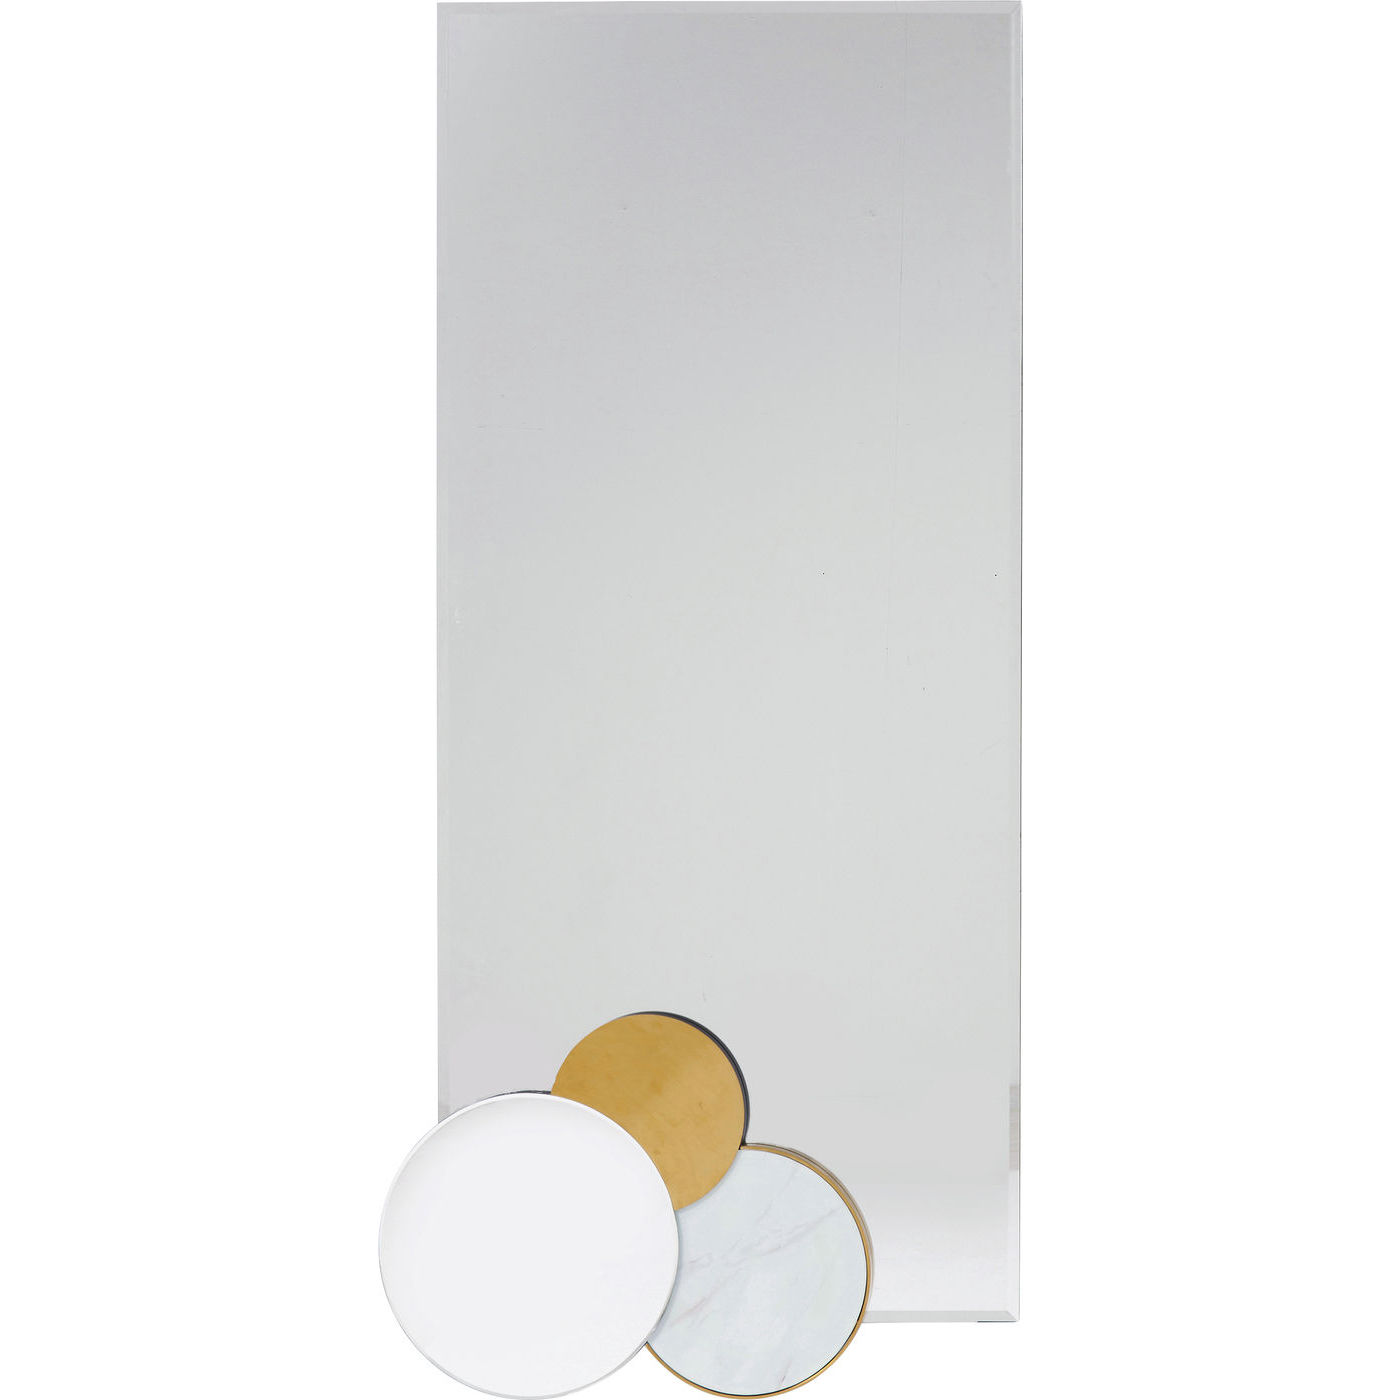 Kare design miami loft circles vægspejl - spejlglas/messing stål (180x45) fra kare design fra boboonline.dk